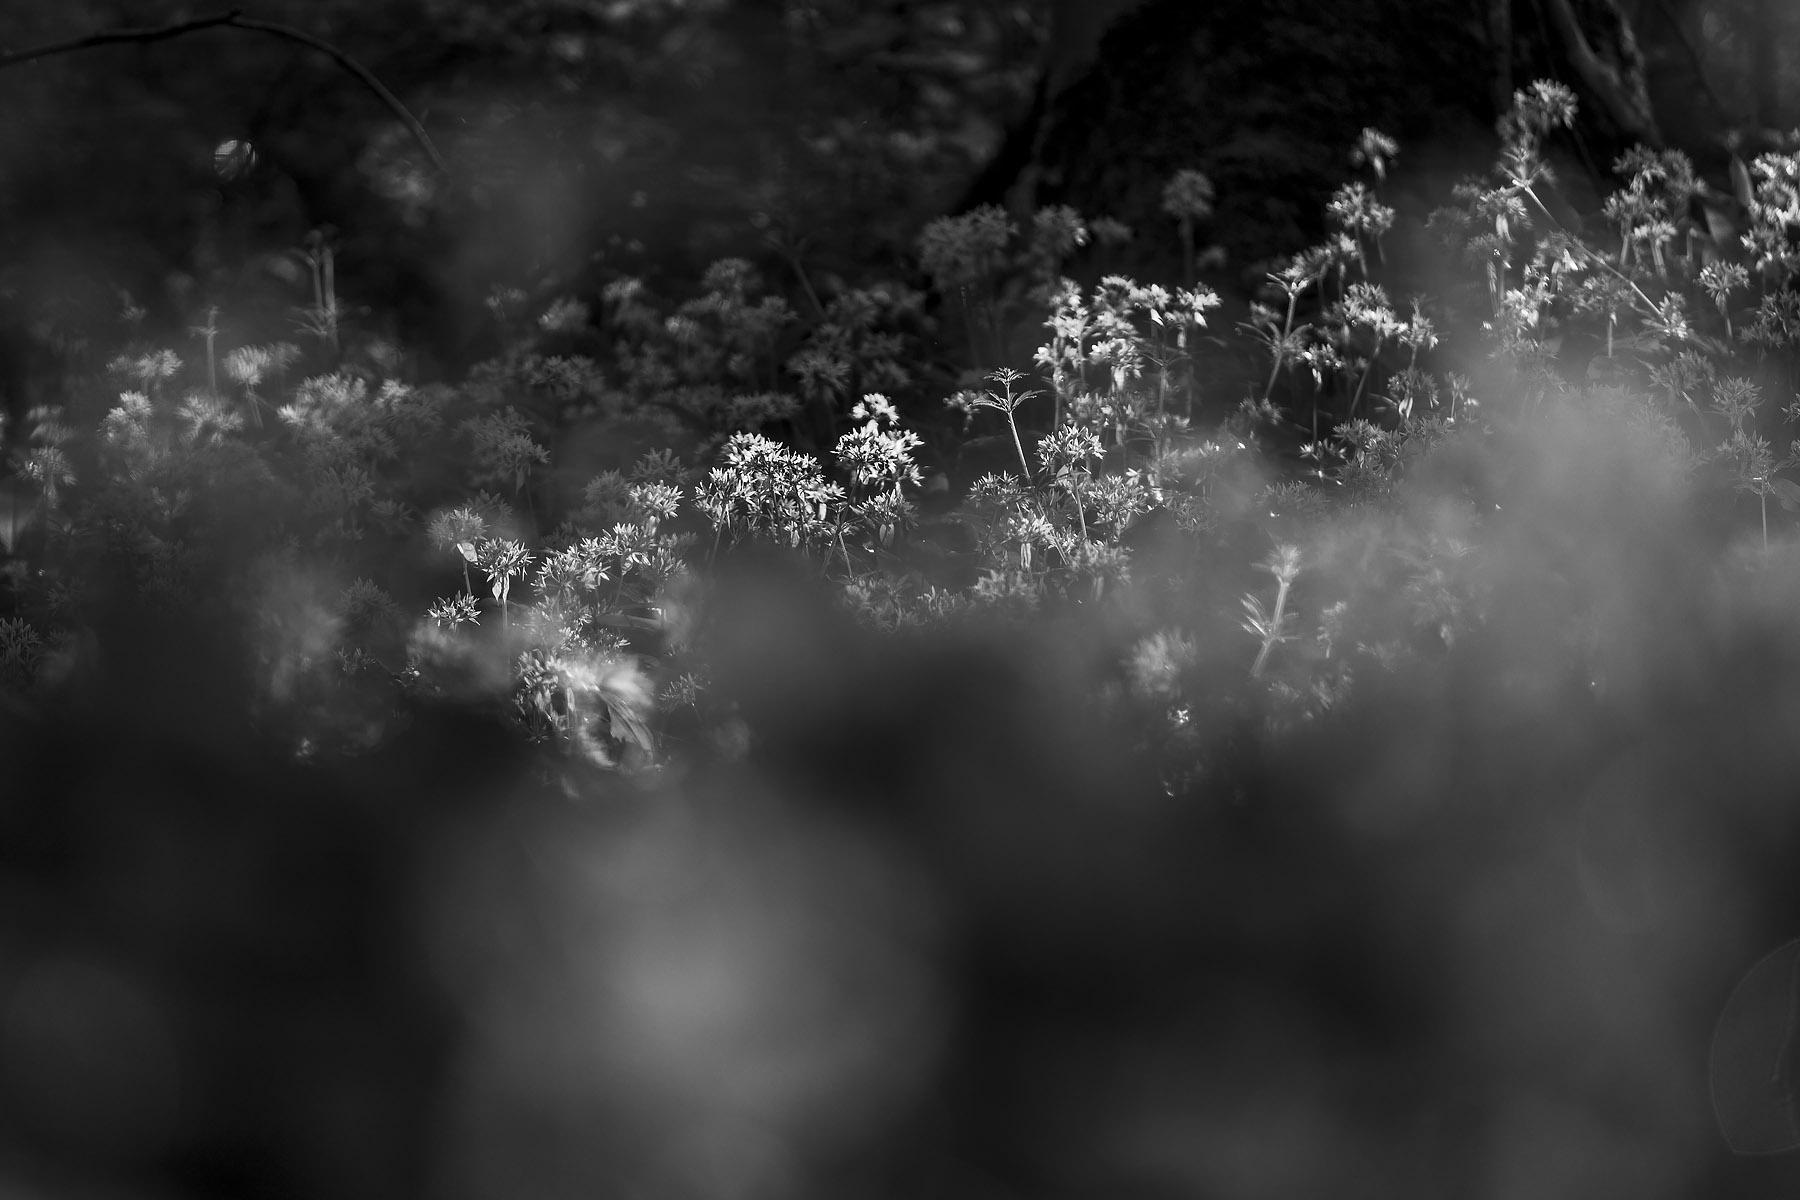 glenn vanderbeke, landschapsfotografie, landschapsfotograaf, foto uitstap, foto dagtrip, fotografische dagtrip, west-vlaamse fotografen, west-vlaamse fotograaf, Foto uitstap, Vlaanderen, Oost-Vlaanderen, waar daslook fotograferen?, daslook, daslook fotografie, Raspaillebos, daslook Raspaillebos, wilde hyacinten Raspaillebos, boshyacinten Raspaillebos